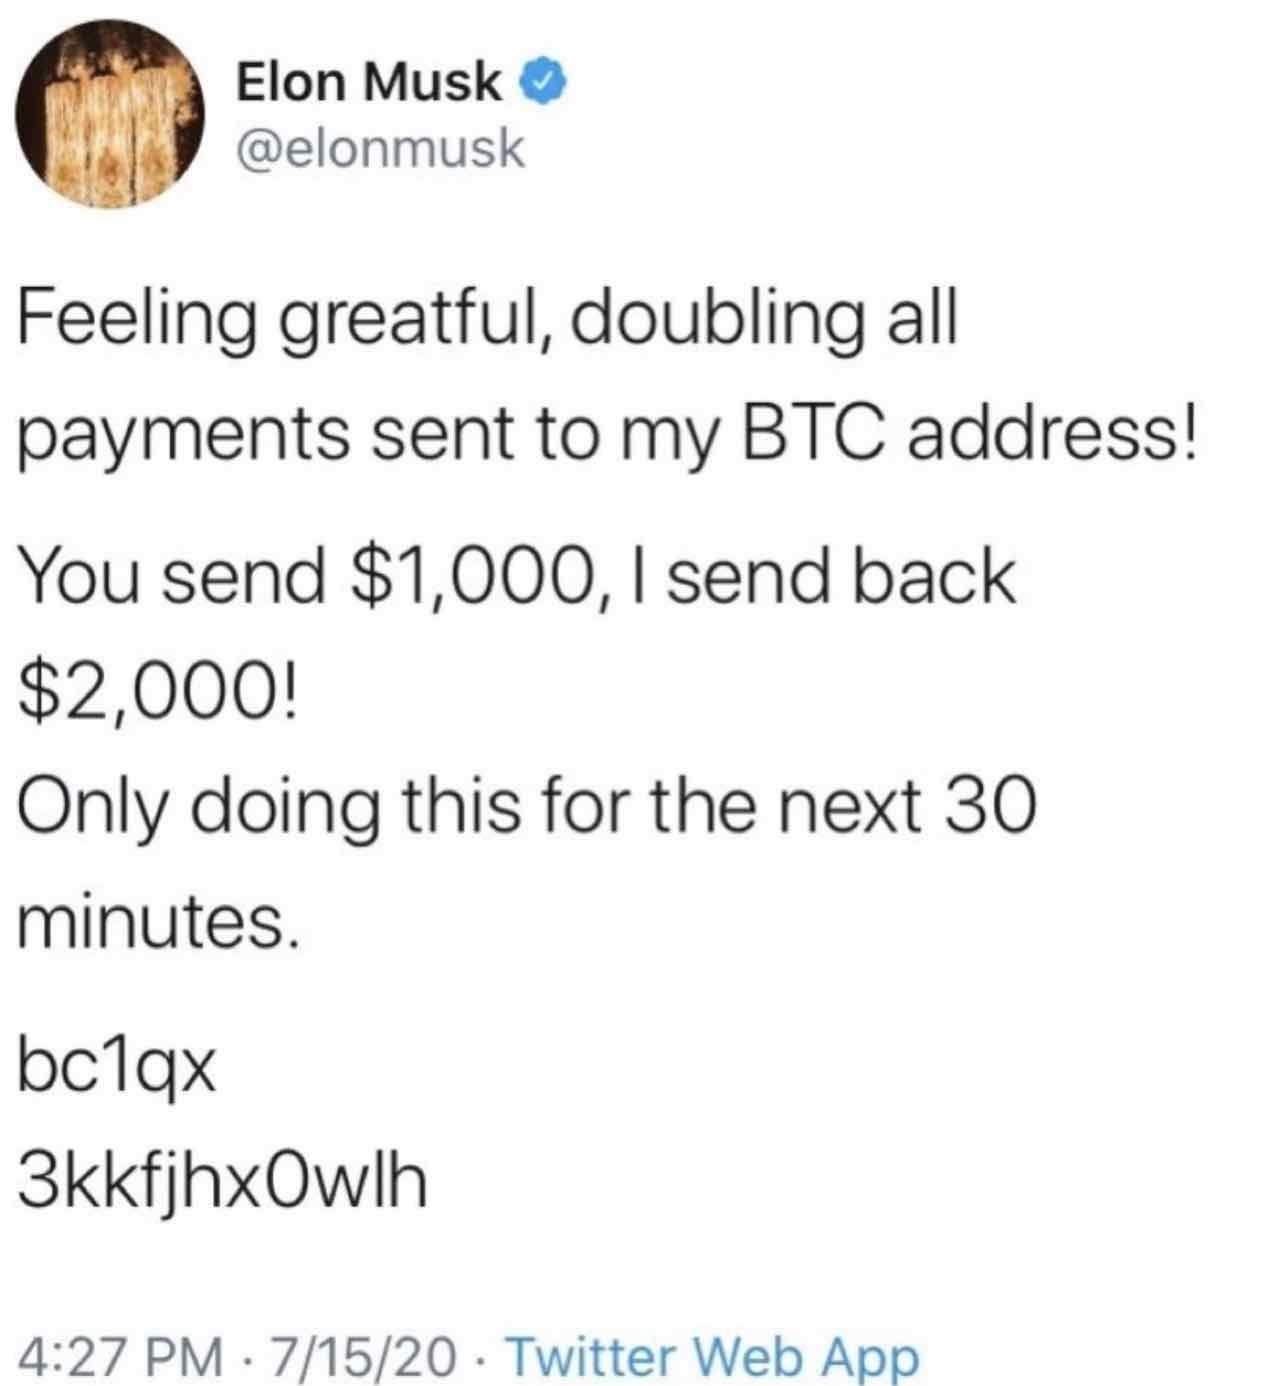 Hacked tweet from Elon Musk